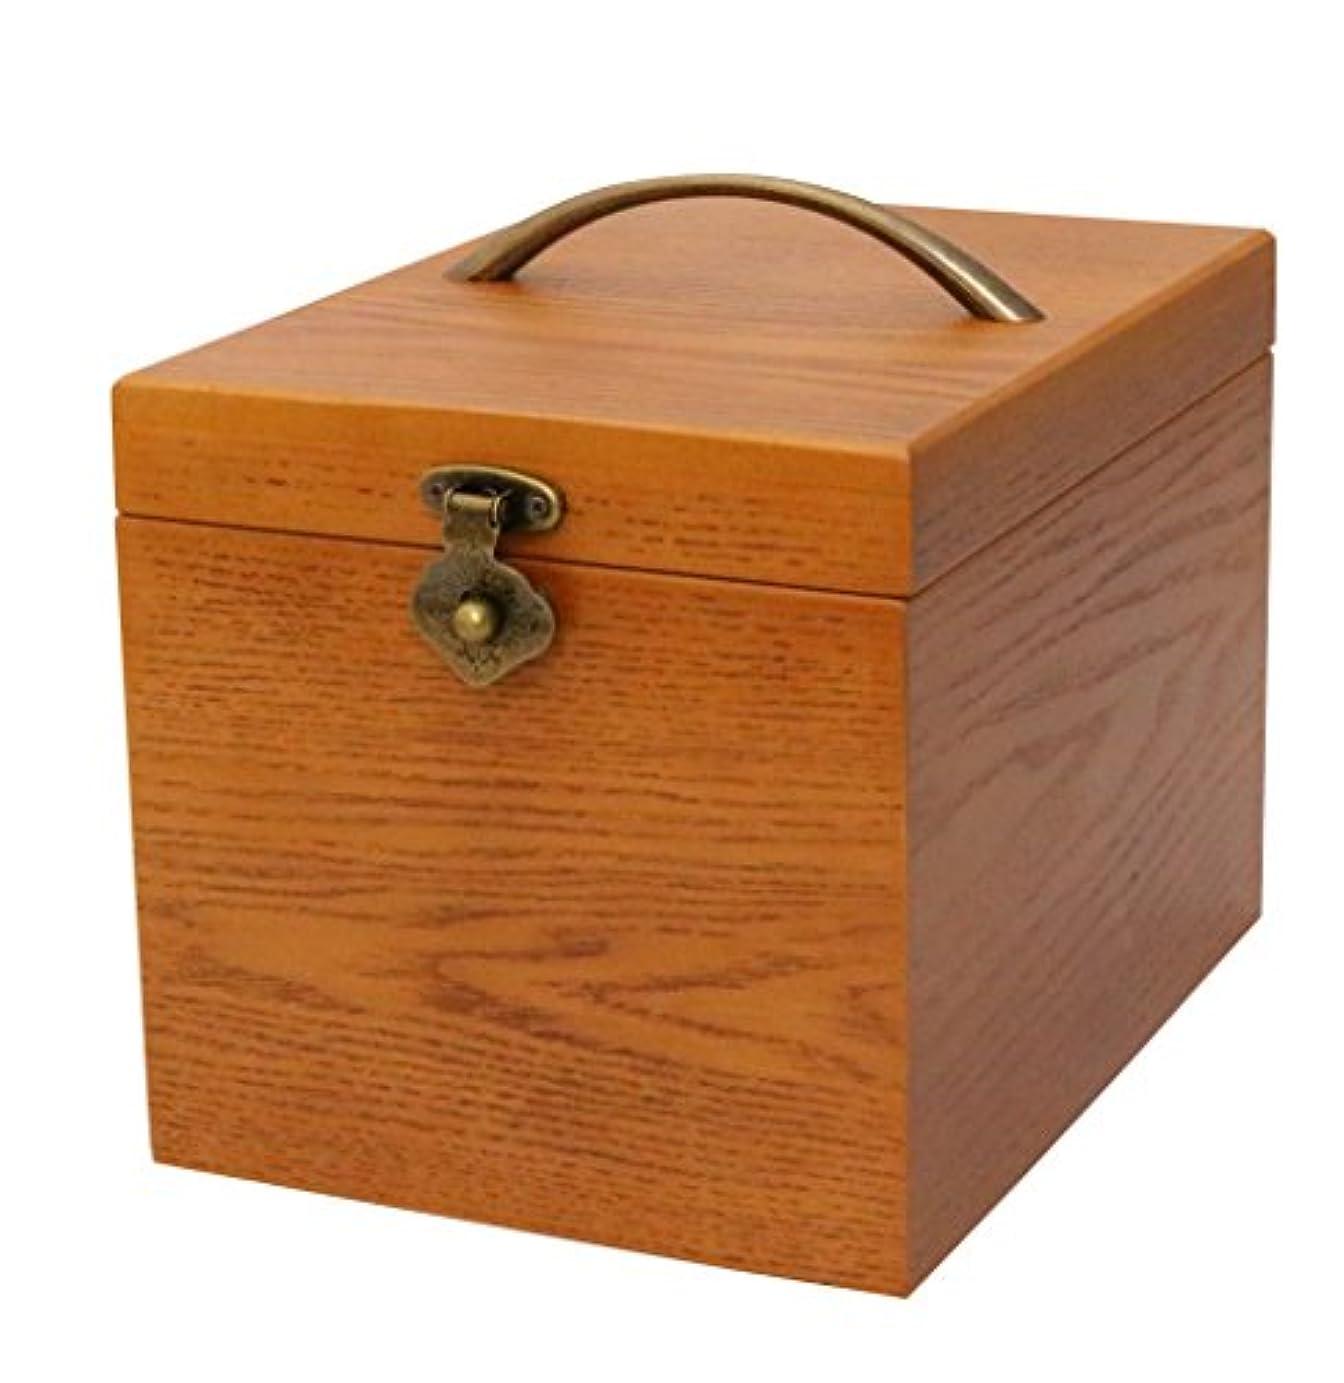 資格情報安定裸クレエ 木製 メイクボックス 鏡付き化粧品箱 ブラウン 90900044 18×24×17.5